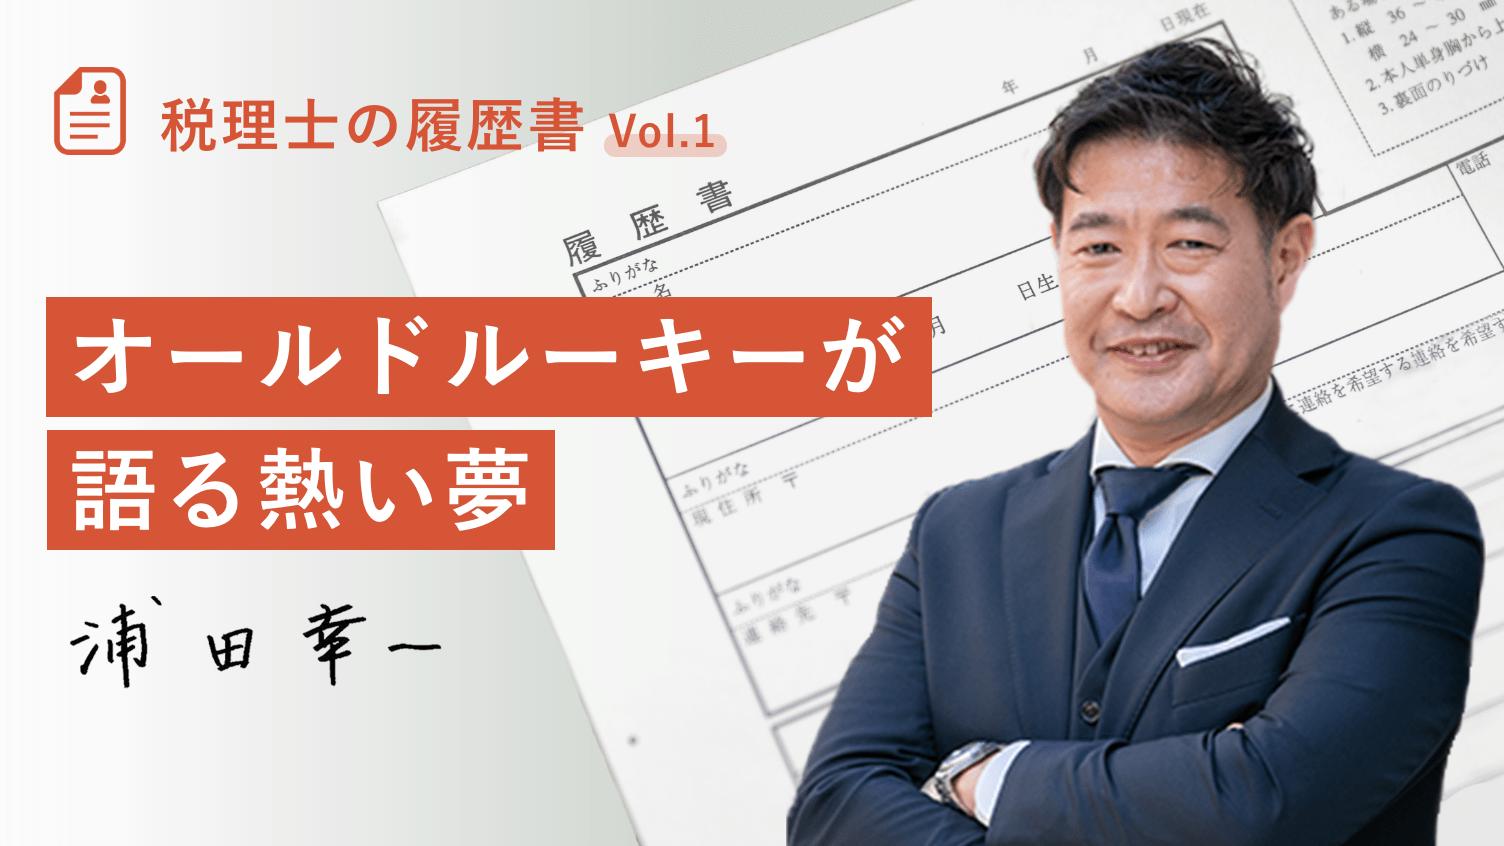 税理士の履歴書 浦田幸一さんのアイキャッチ